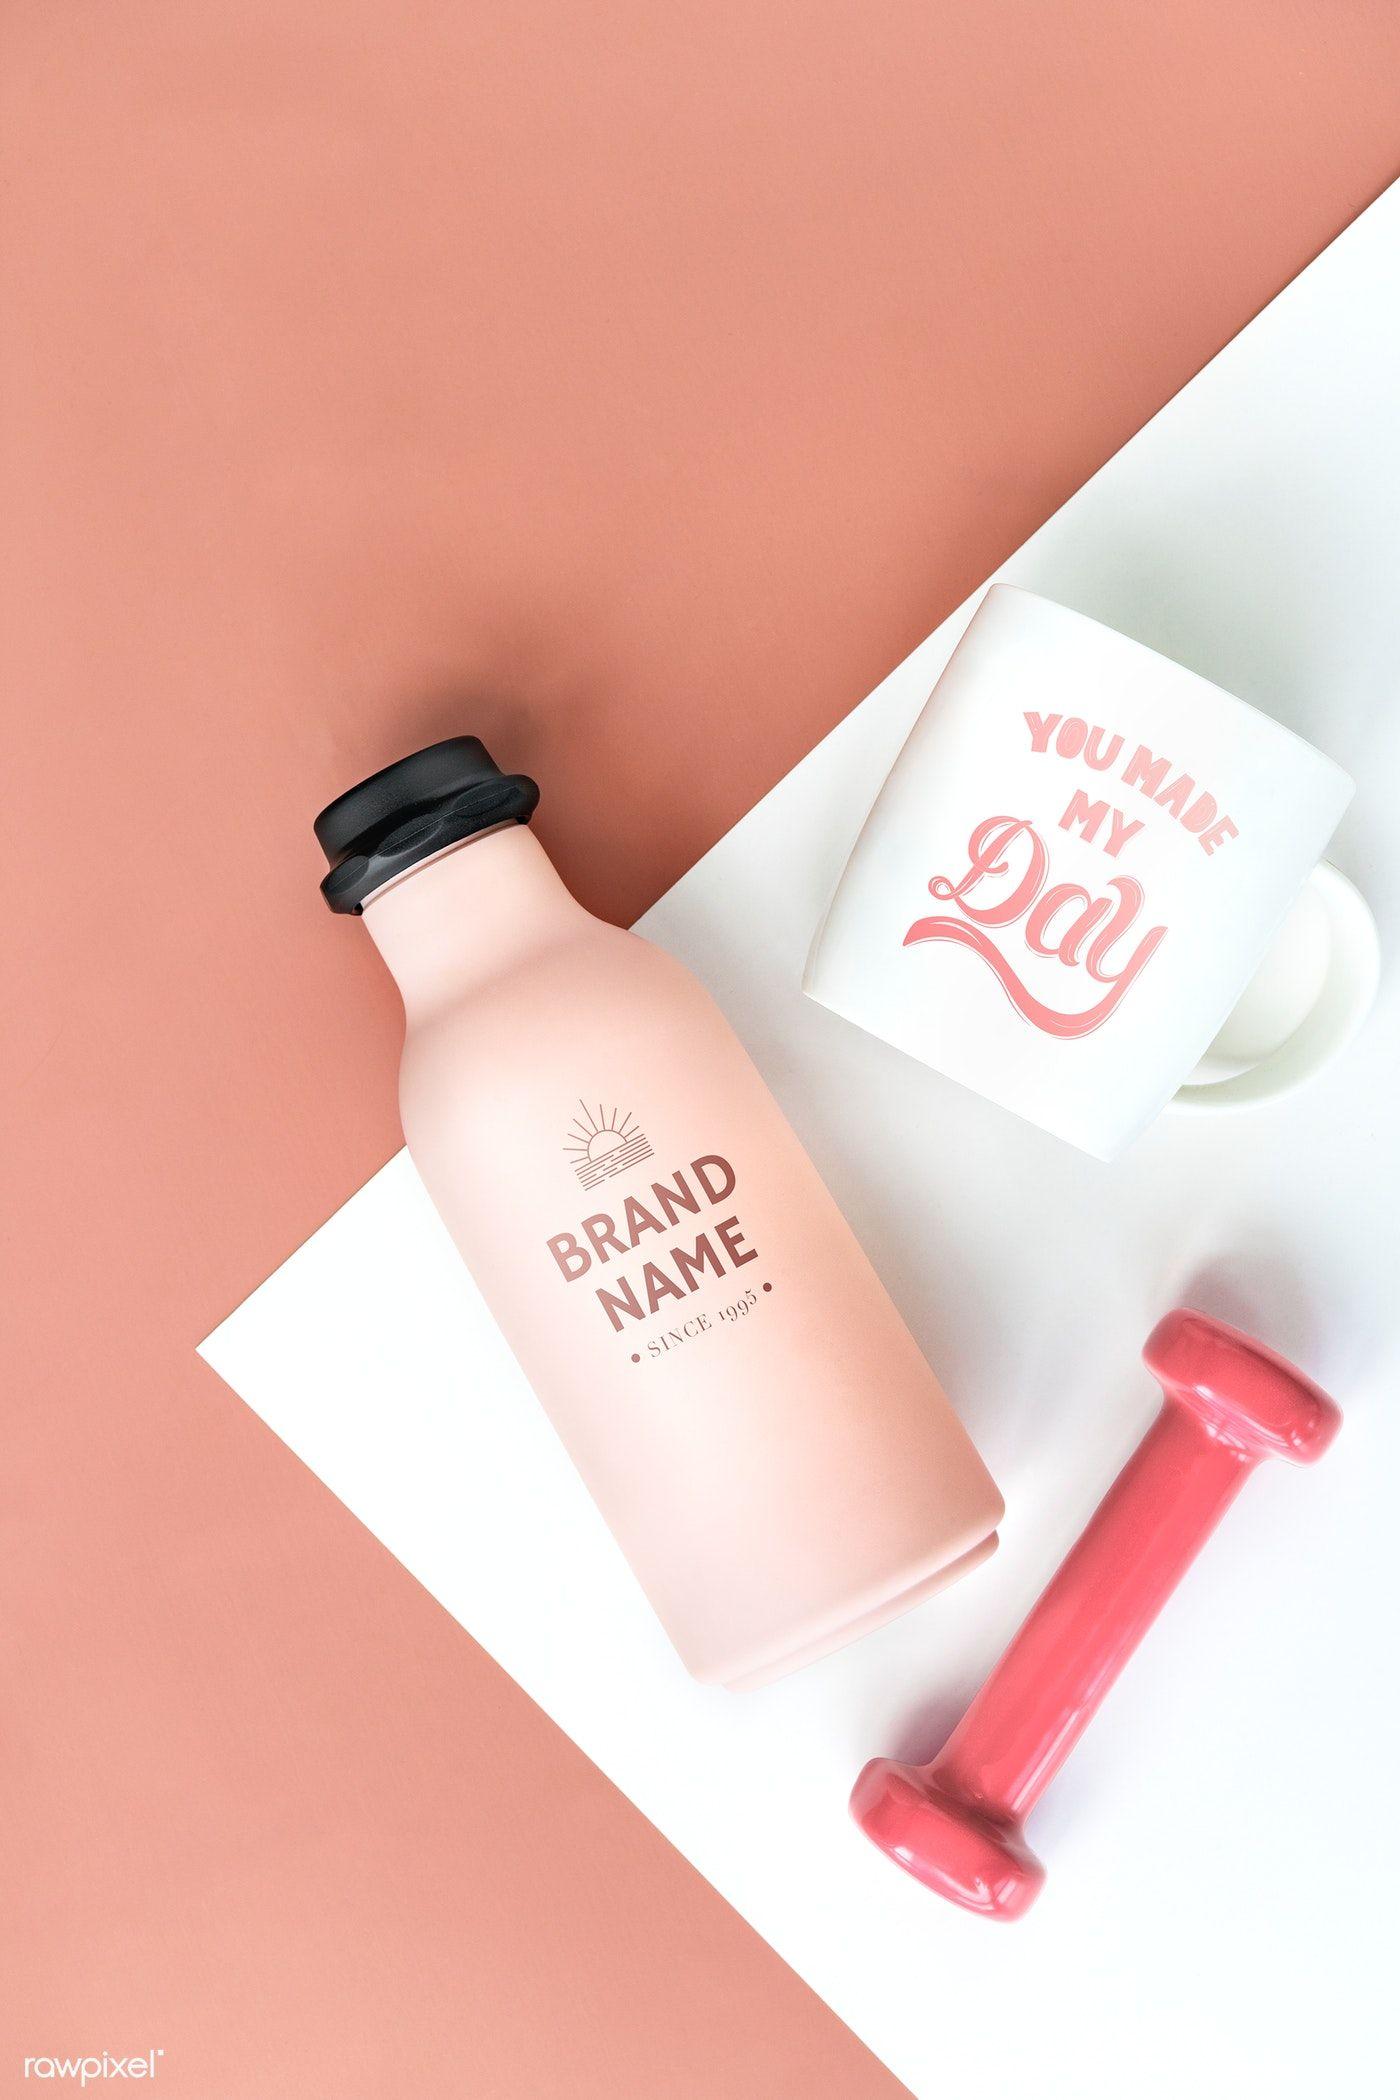 Download Premium Psd Of Pastel Pink Sports Bottle Mockup Design 1209819 Bottle Mockup Reusable Water Bottle Design Mockup Design